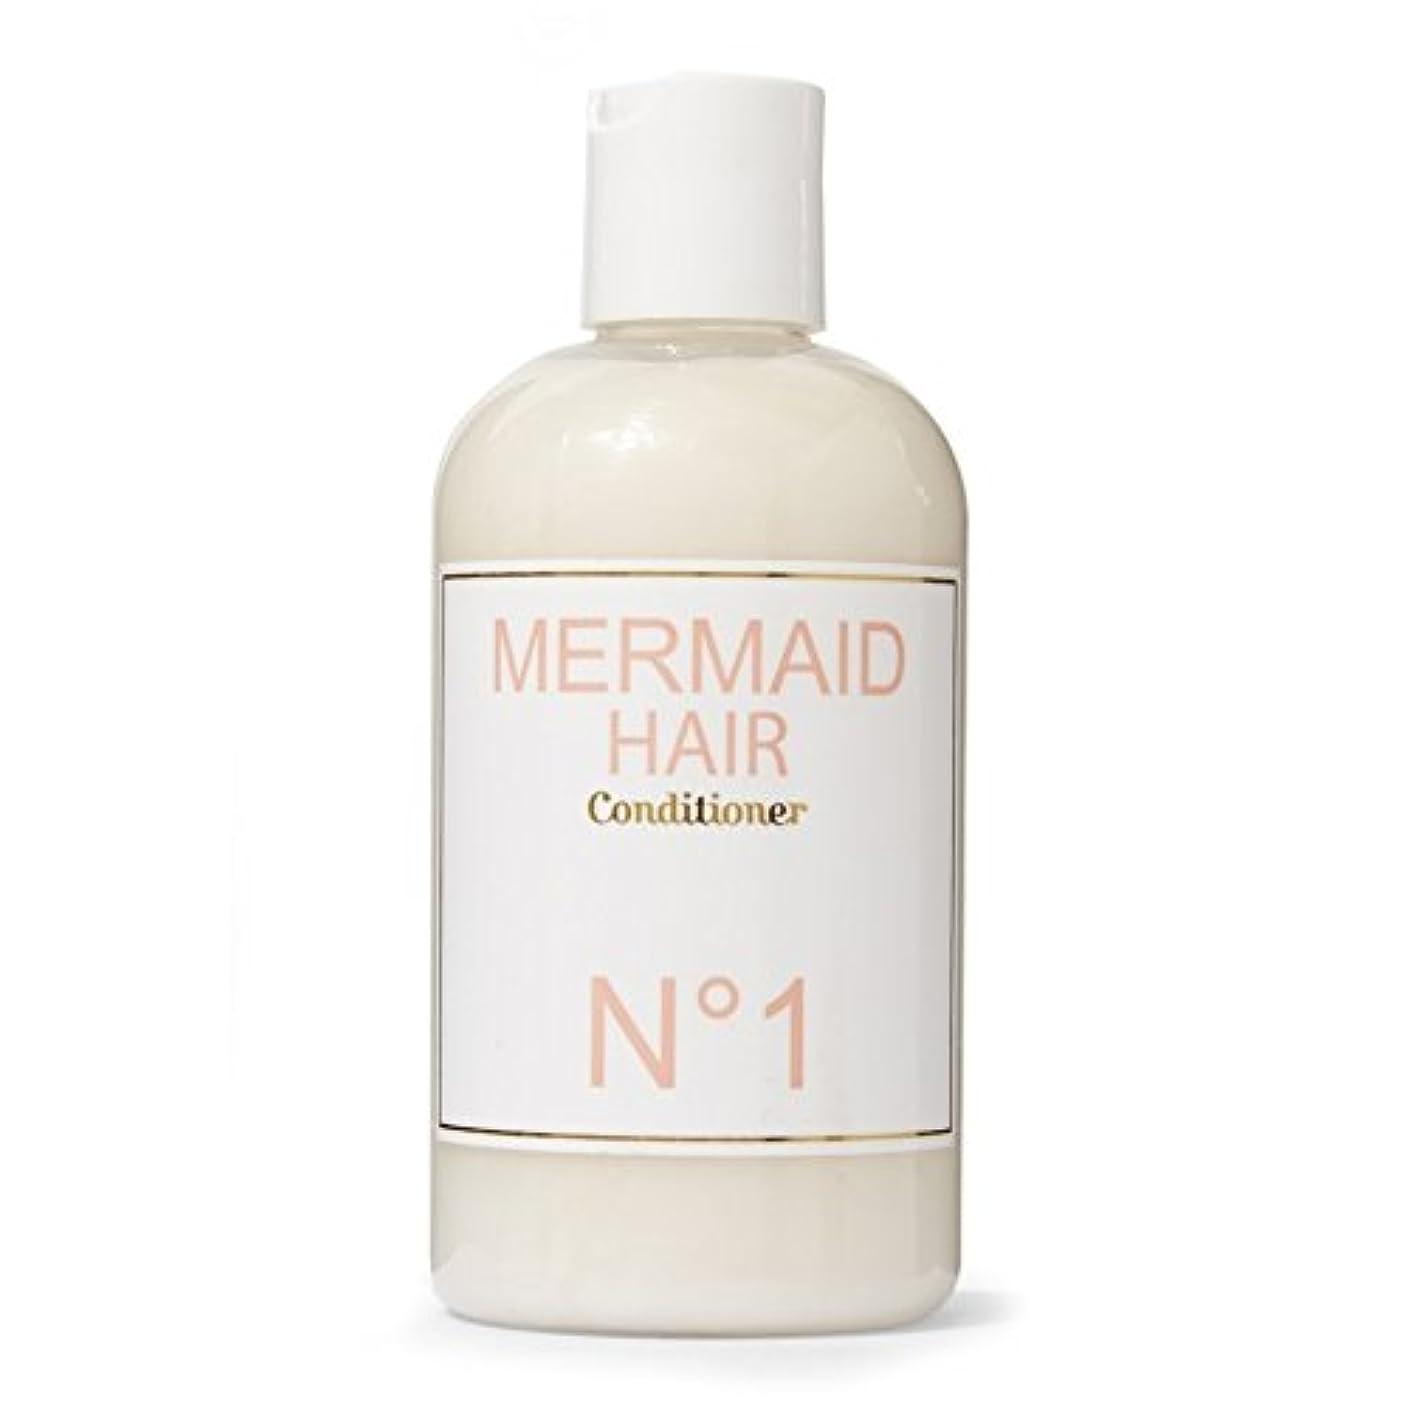 カナダエンディング大使Mermaid Perfume Mermaid Conditioner 300ml (Pack of 6) - 人魚香水人魚コンディショナー300ミリリットル x6 [並行輸入品]